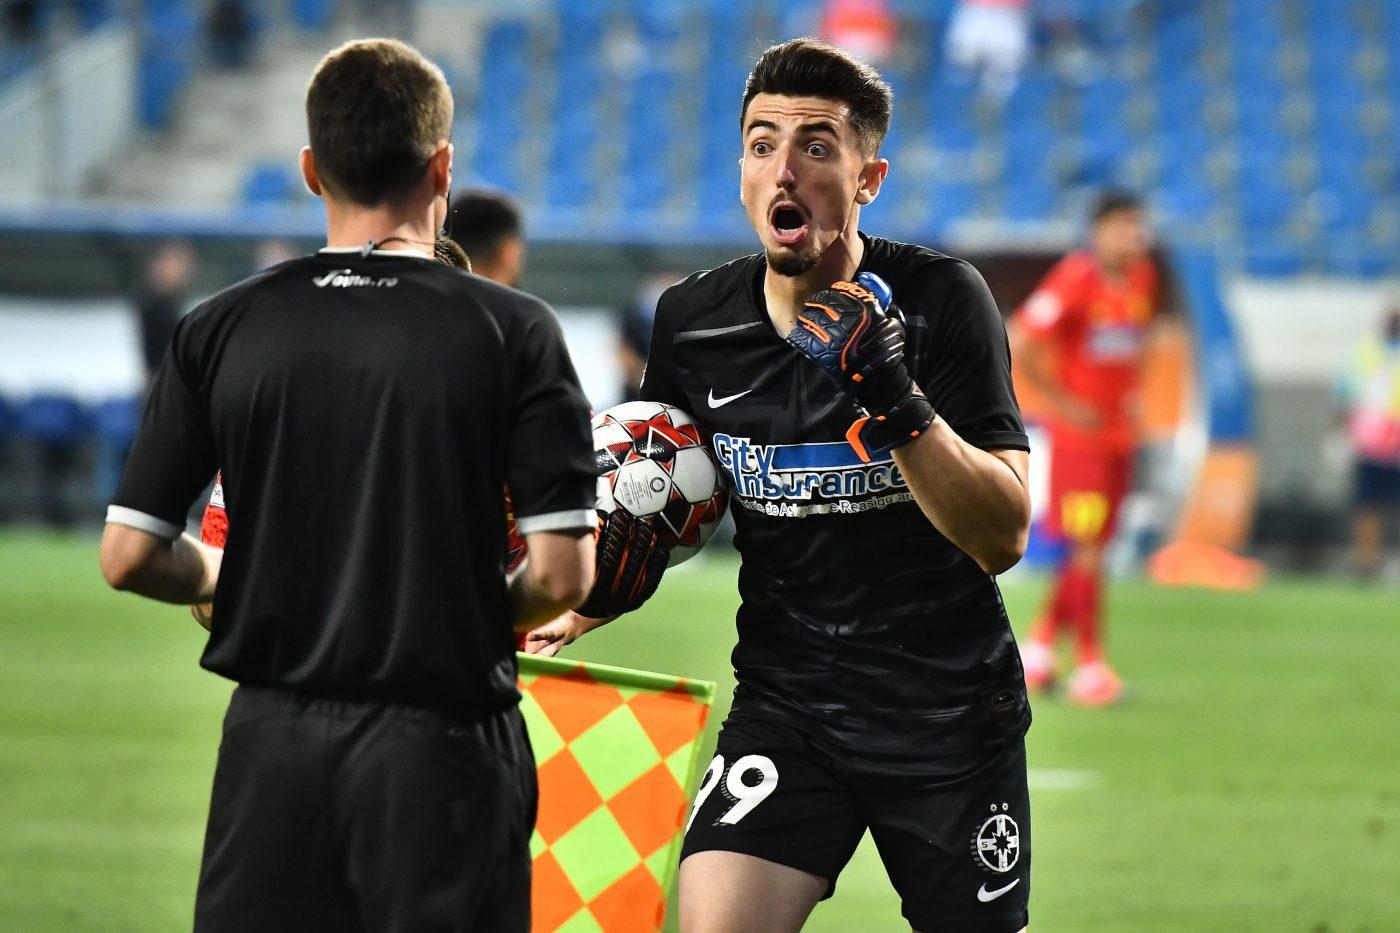 """Gigi Becali, decizie de ultimă oră în privința lui Andrei Vlad: """"L-am sunat pe Rotaru să îi dau înapoi lucrul furat!"""""""